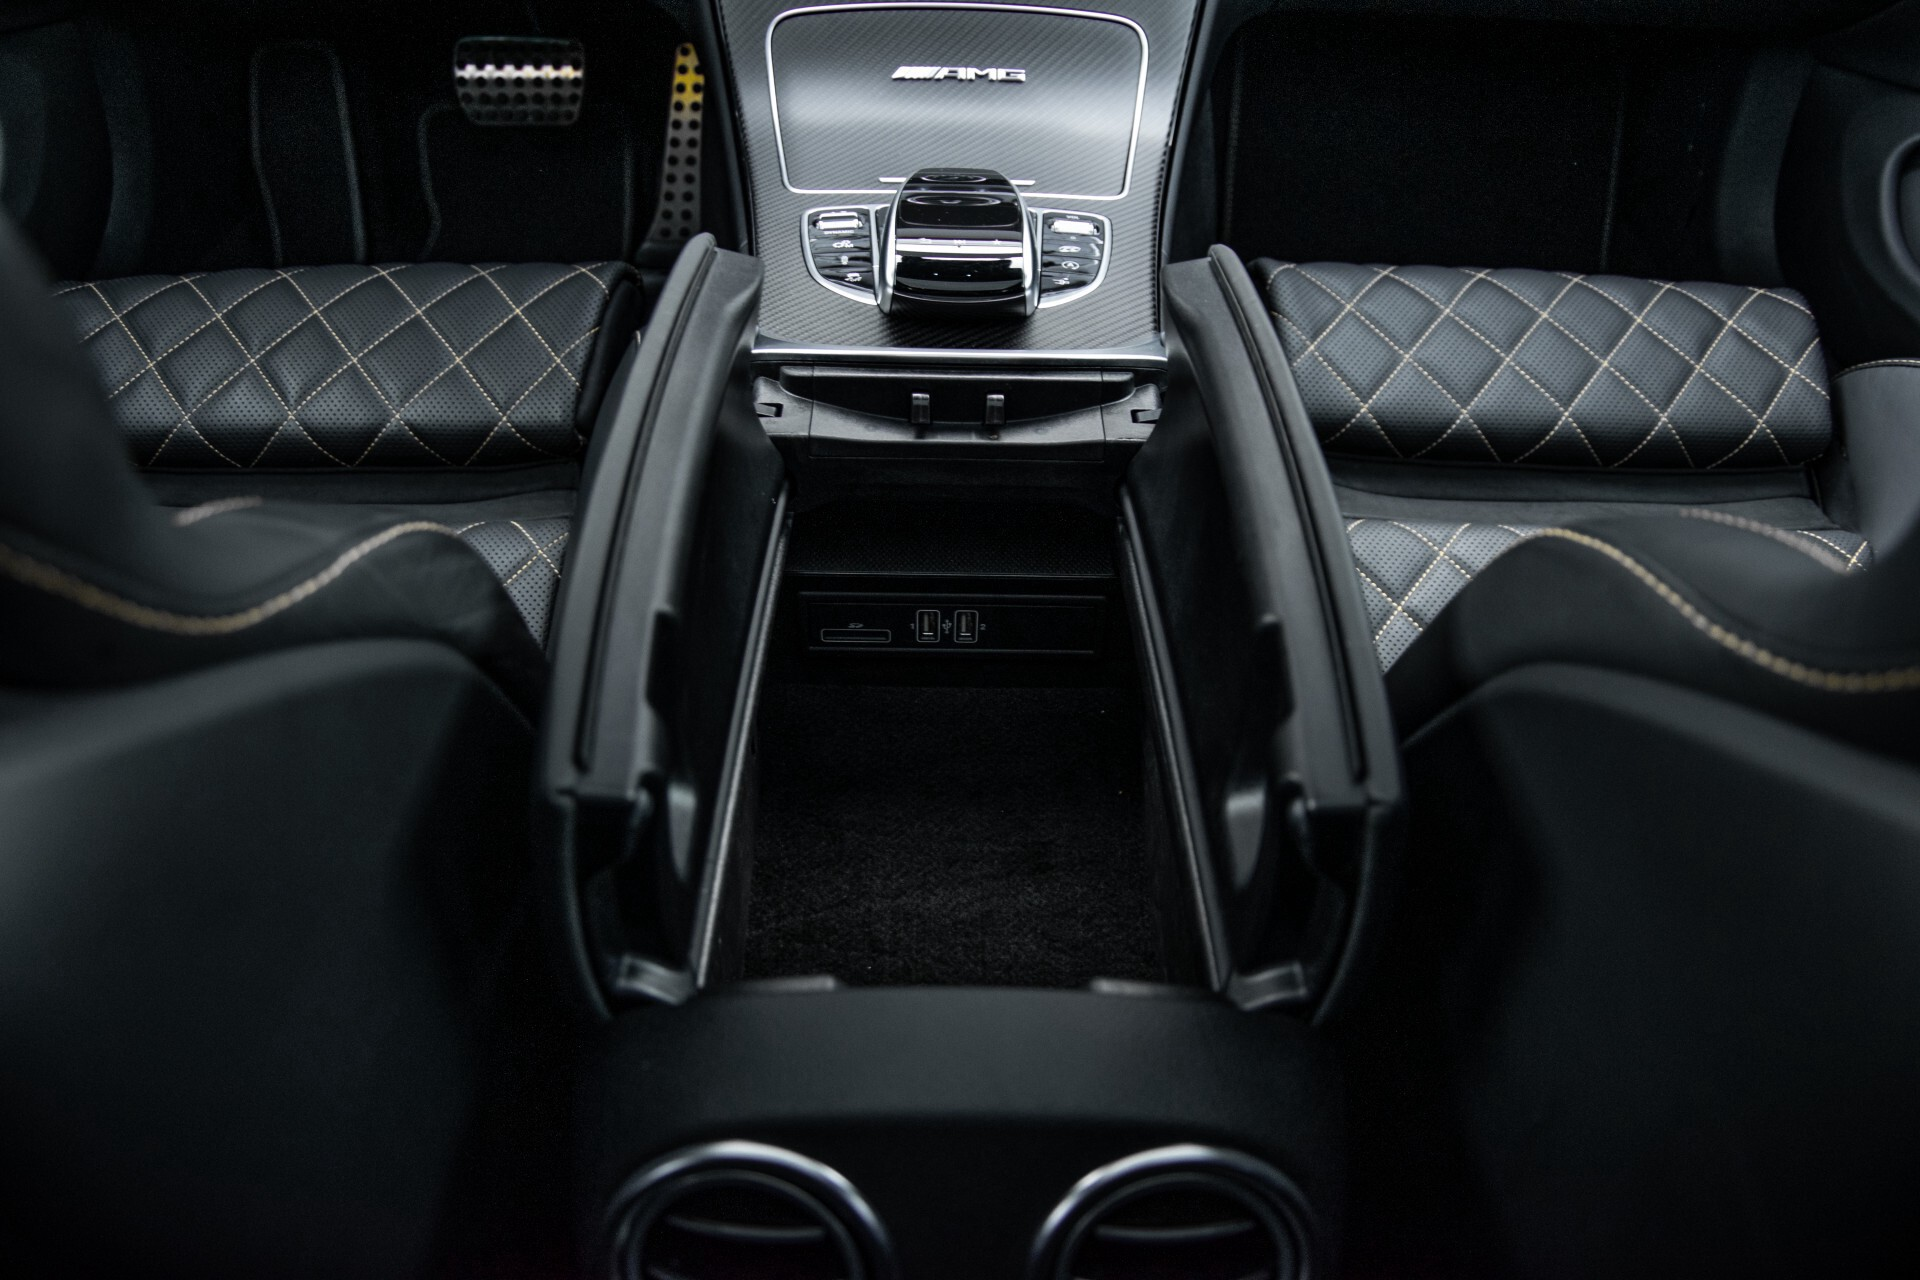 Mercedes-Benz C-Klasse Coupé 63 S AMG EDITION 1 Panorama Aut7 Foto 57